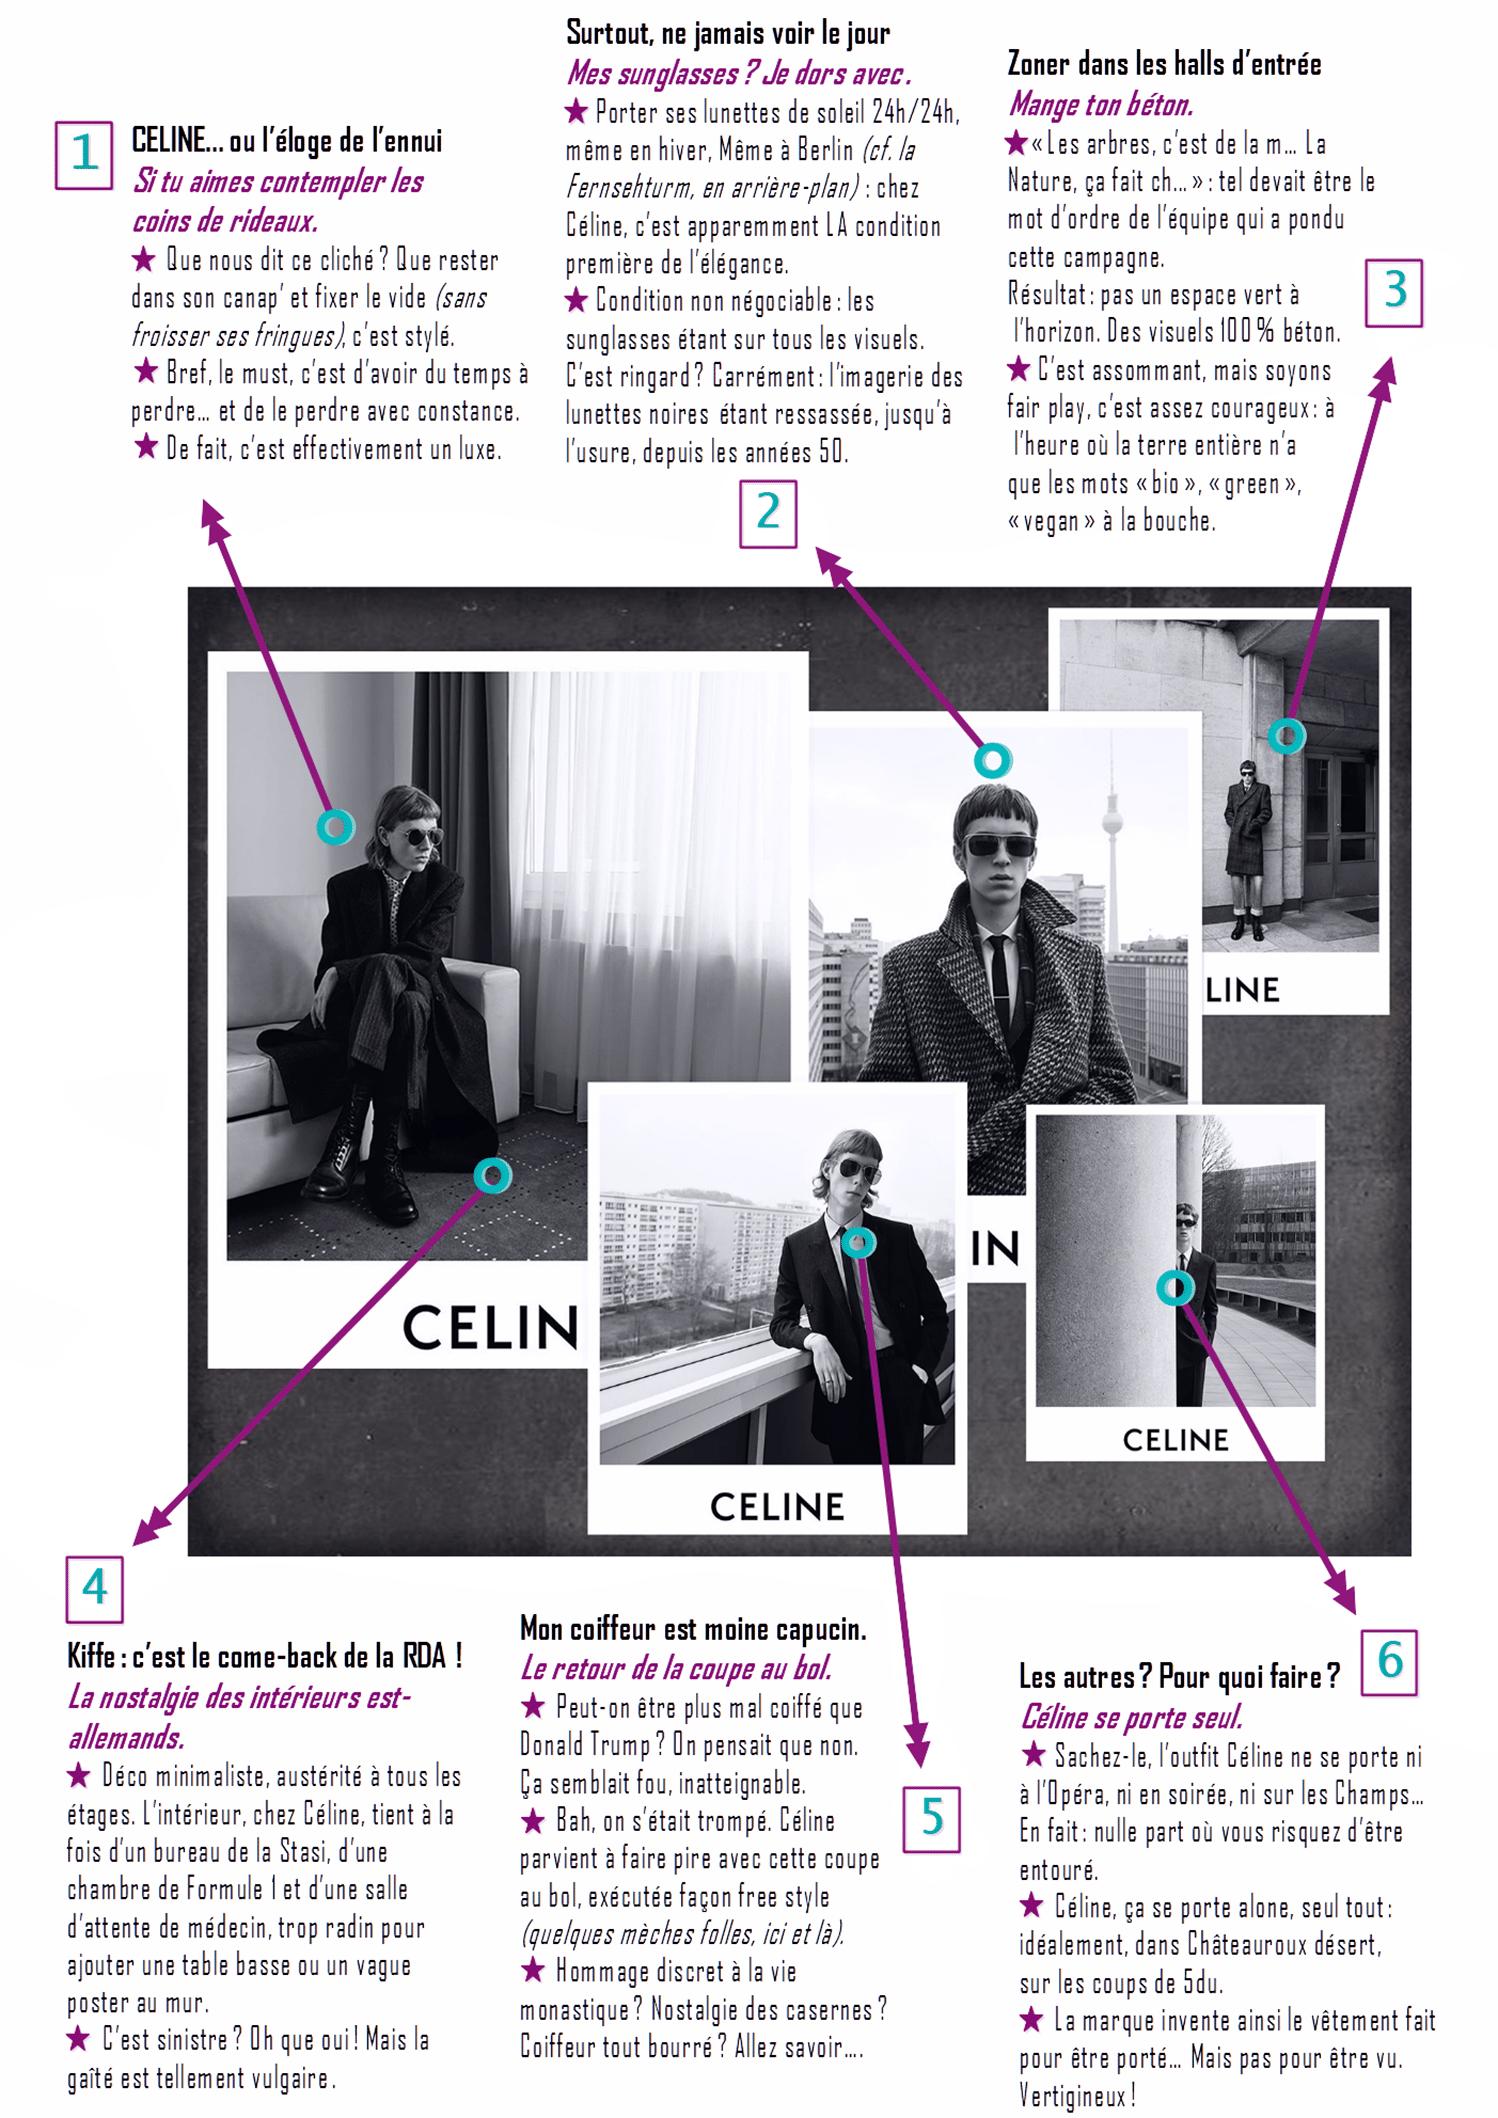 Céline-Def-Ces Images qui nous regardent-Campagne Céline-ParisBazaar-Ghis